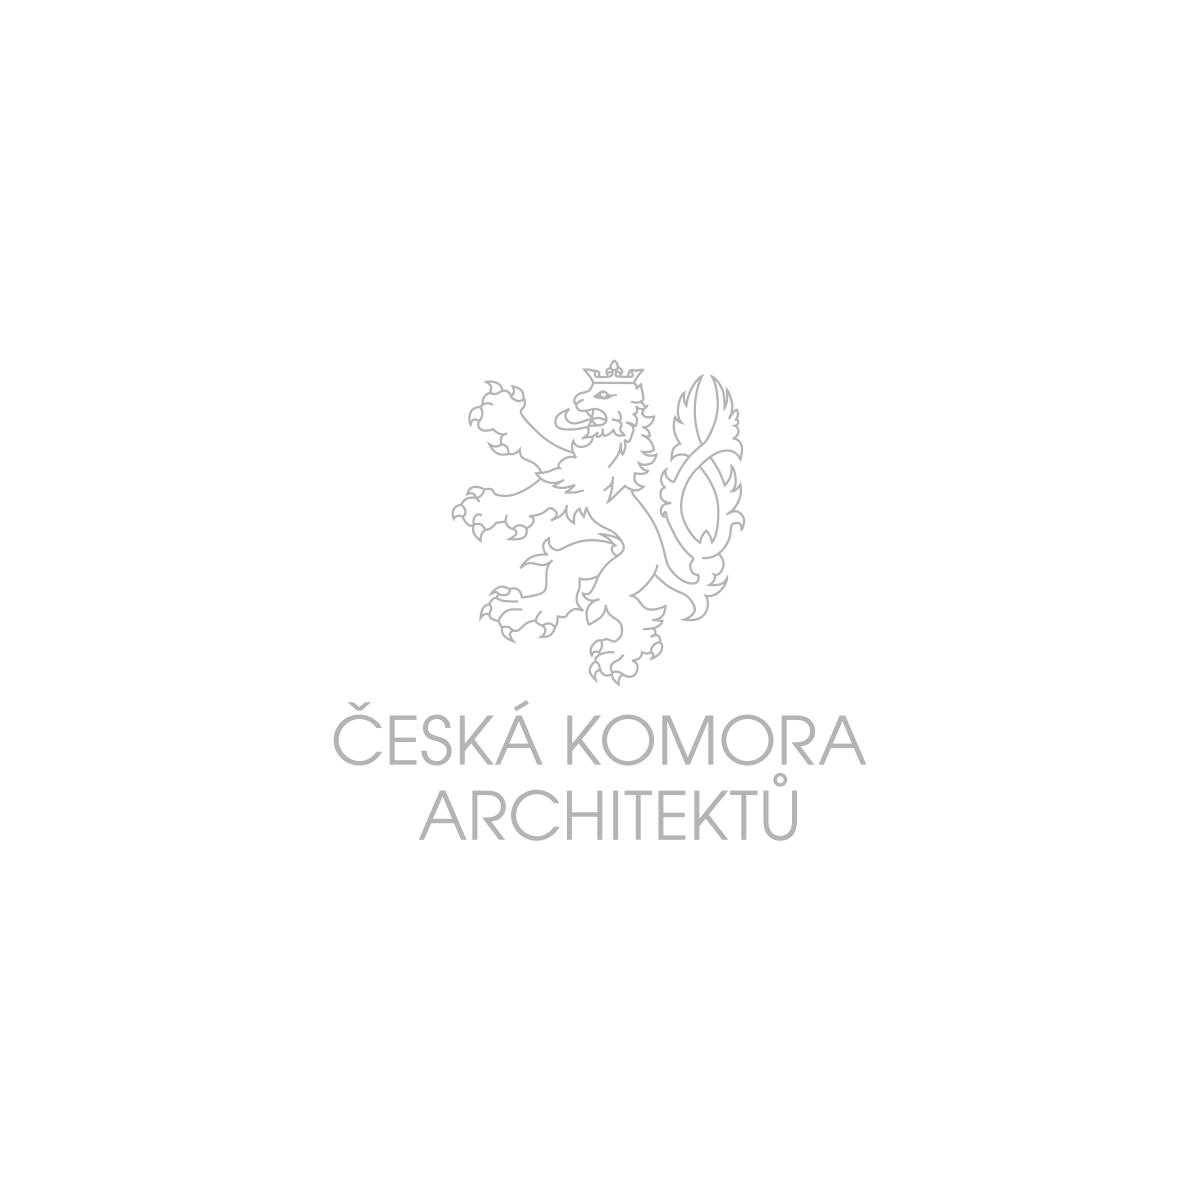 [klienti/CKA.png]